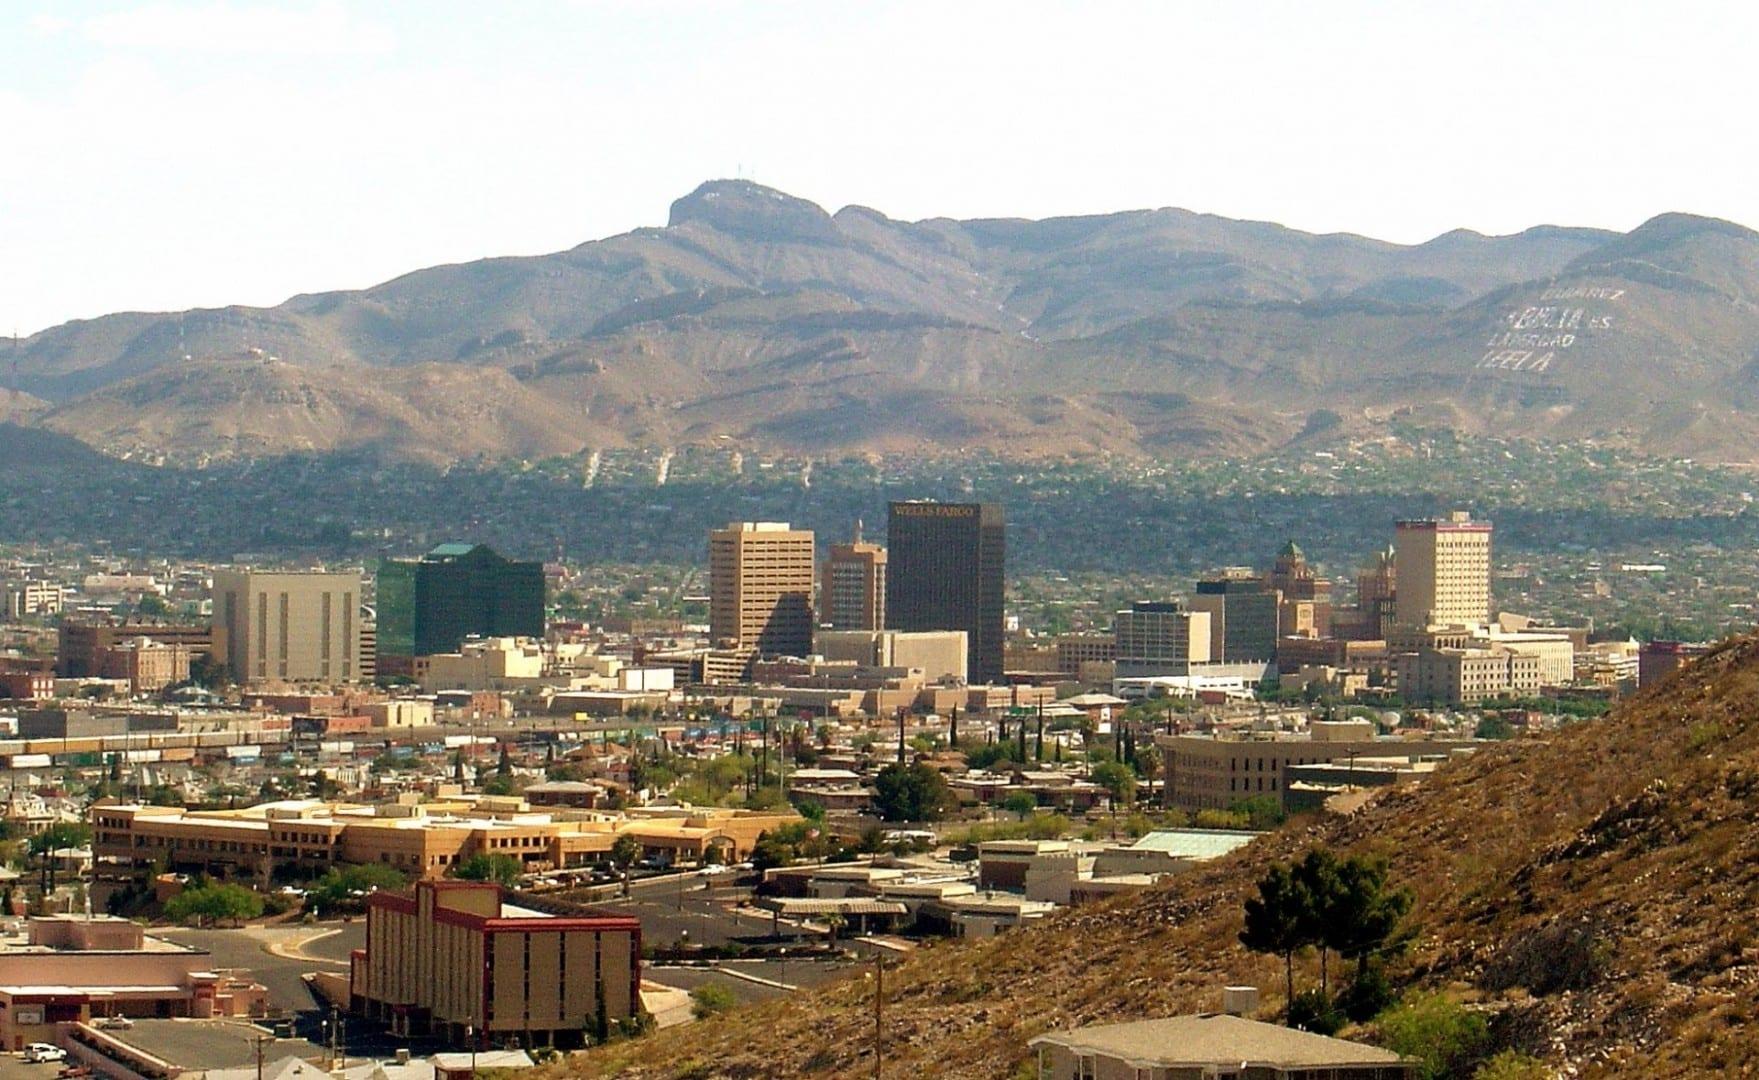 El horizonte de El Paso El Paso (Texas) Estados Unidos